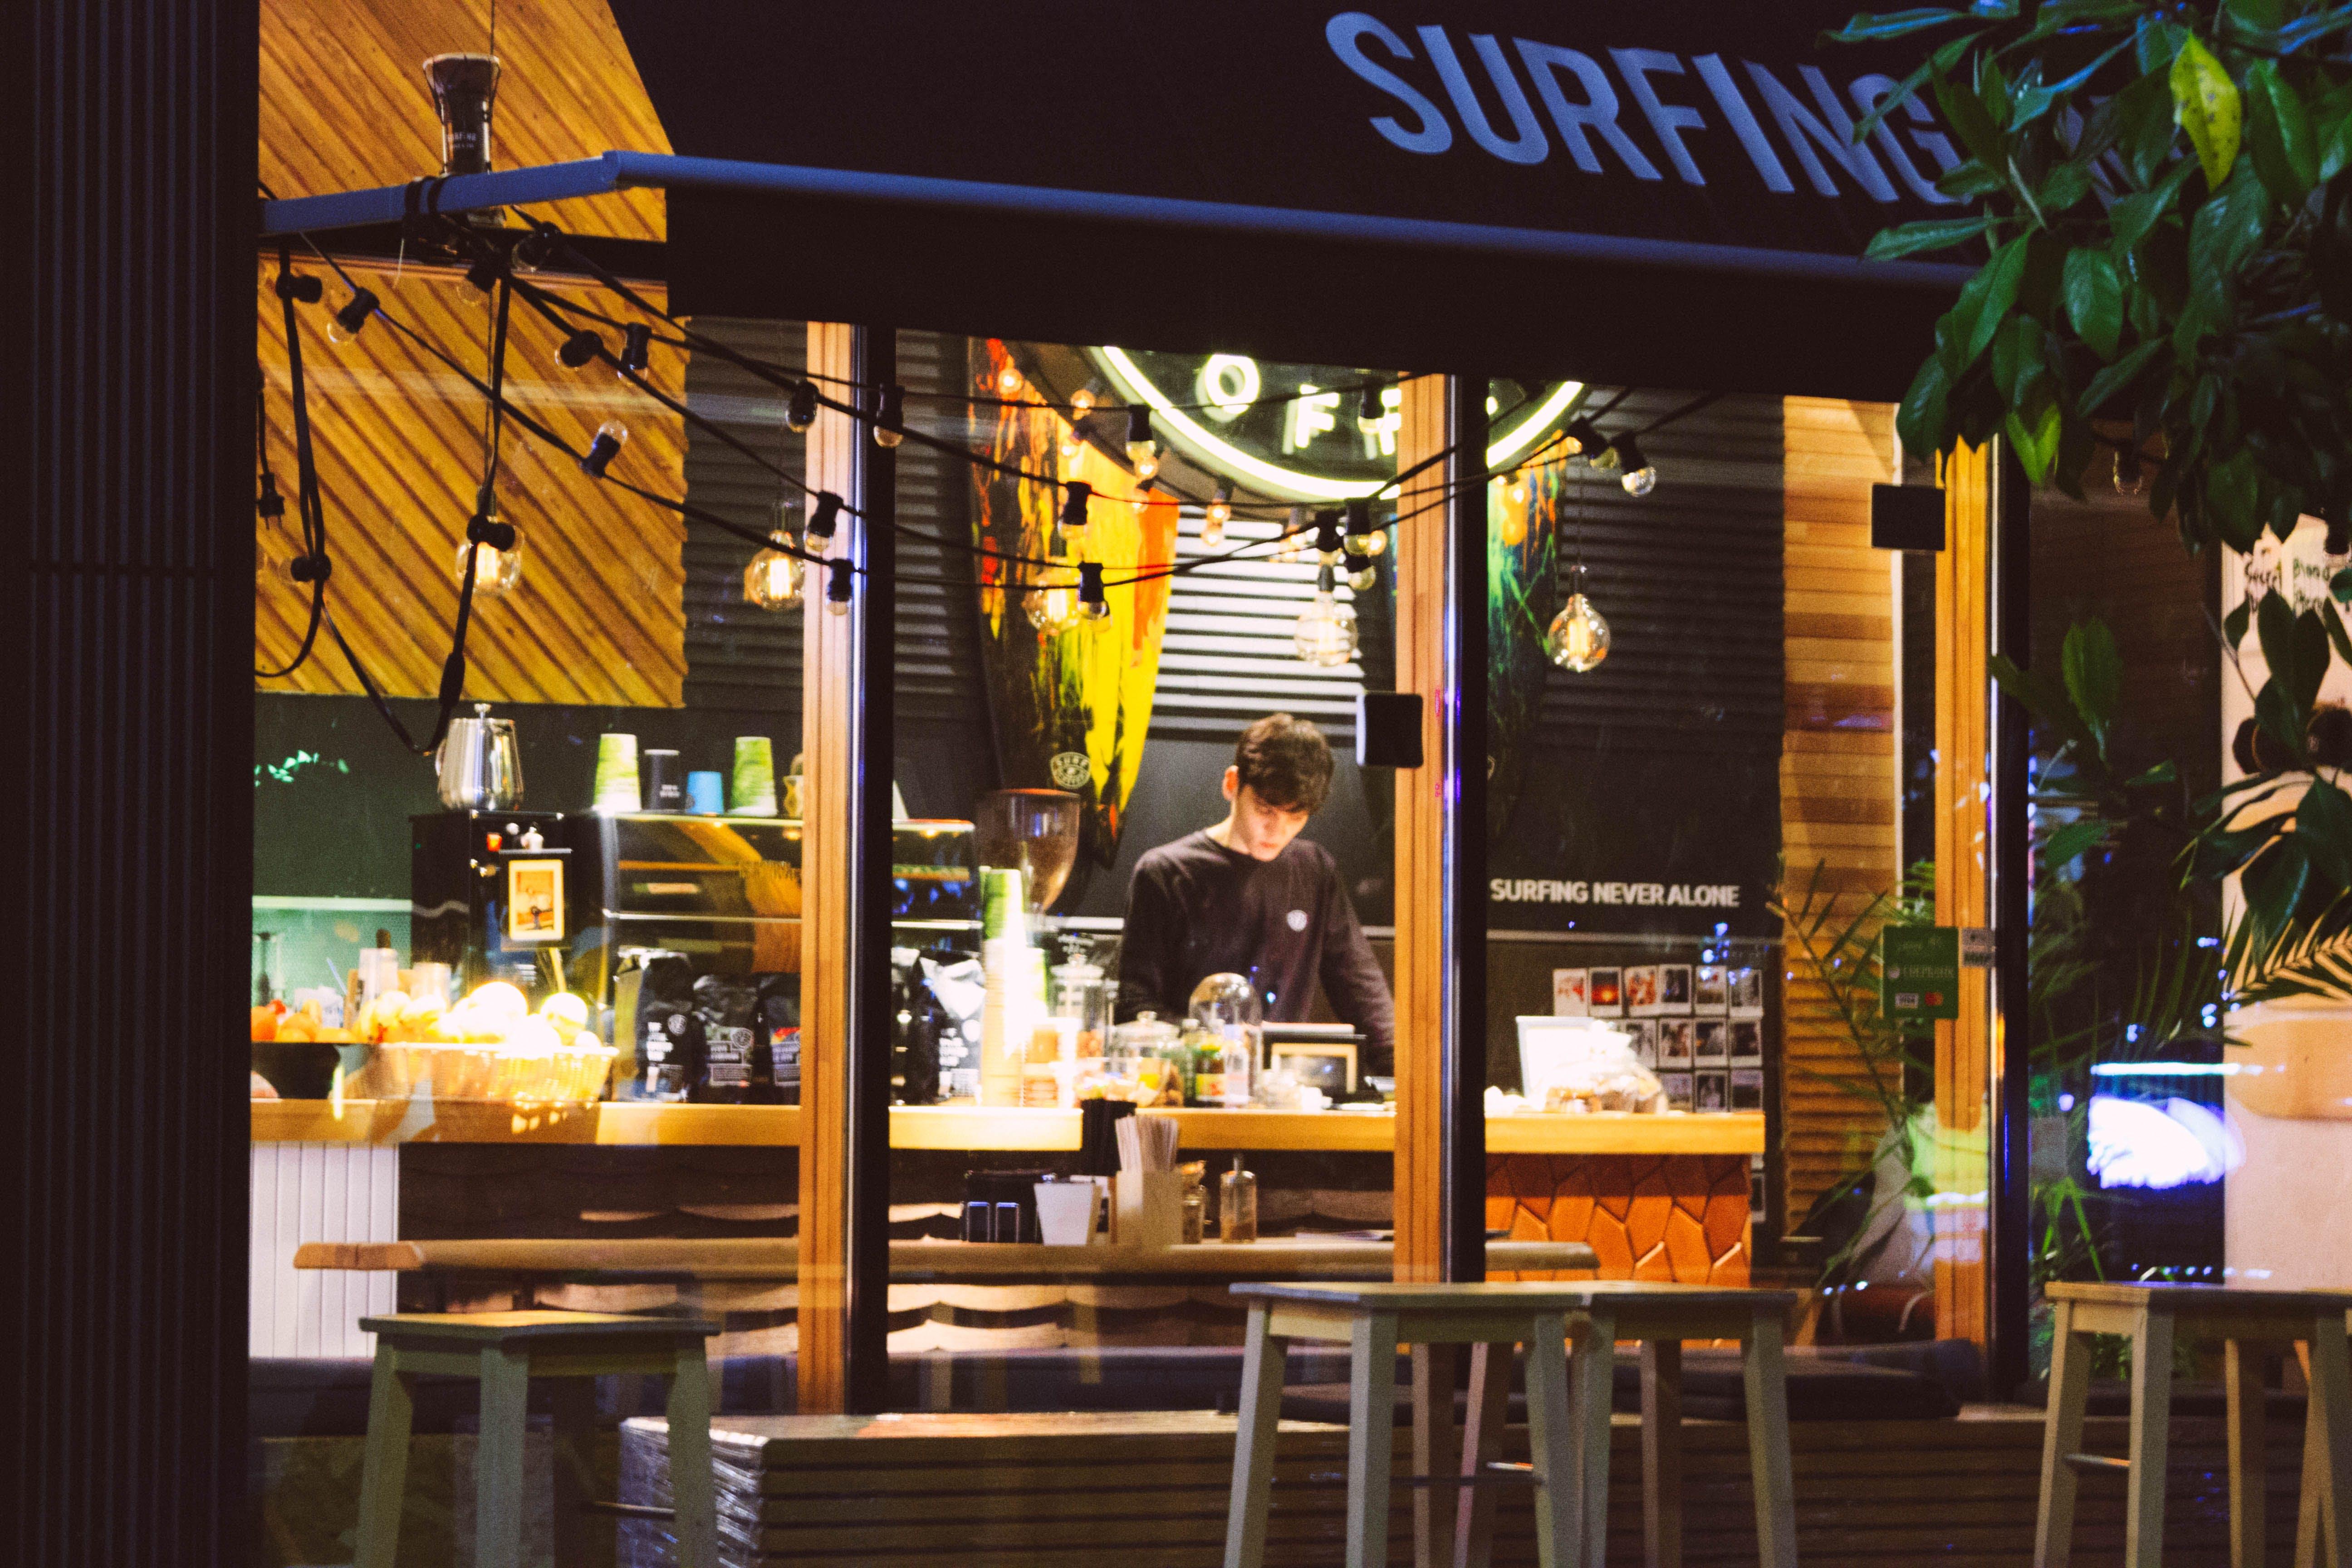 Man Wearing Black Hoodie Standing Near Countertop